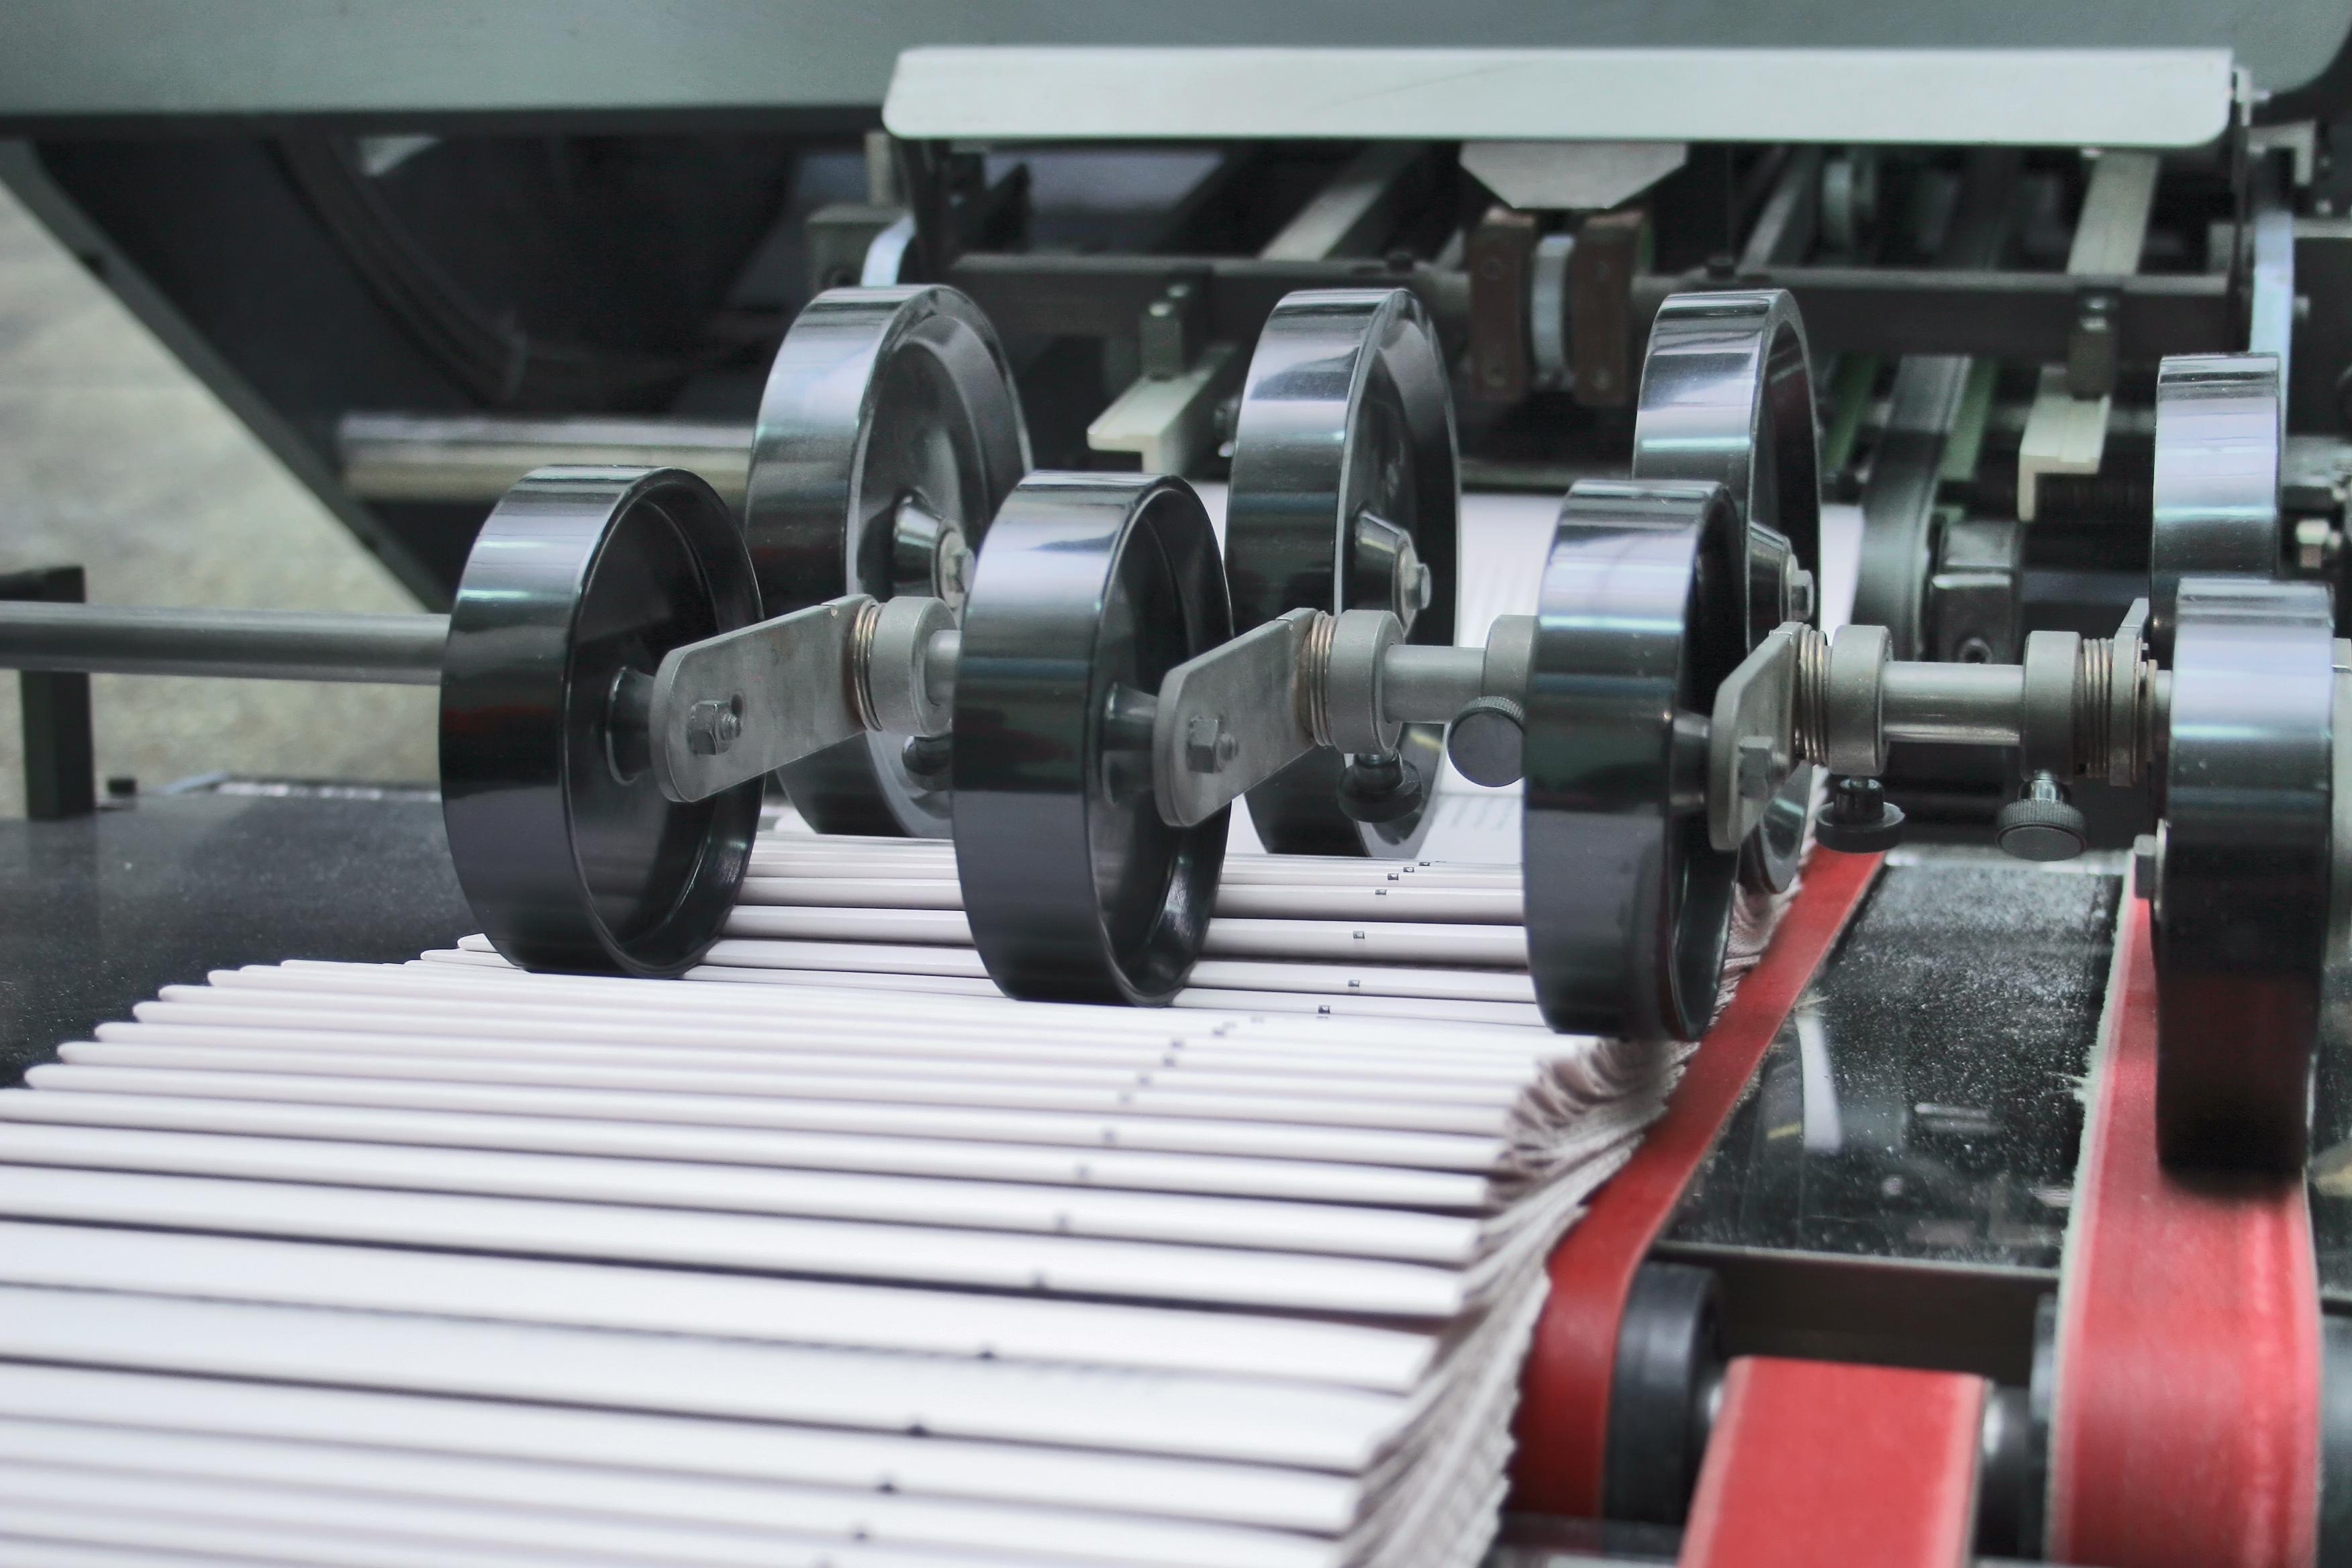 imprimer des brochures agrafées, dos collées  avec l'Imprimeur et livraison sur département de la Marne (49) avec notre Imprimerie en ligne la livraison est gratuite sur le 51